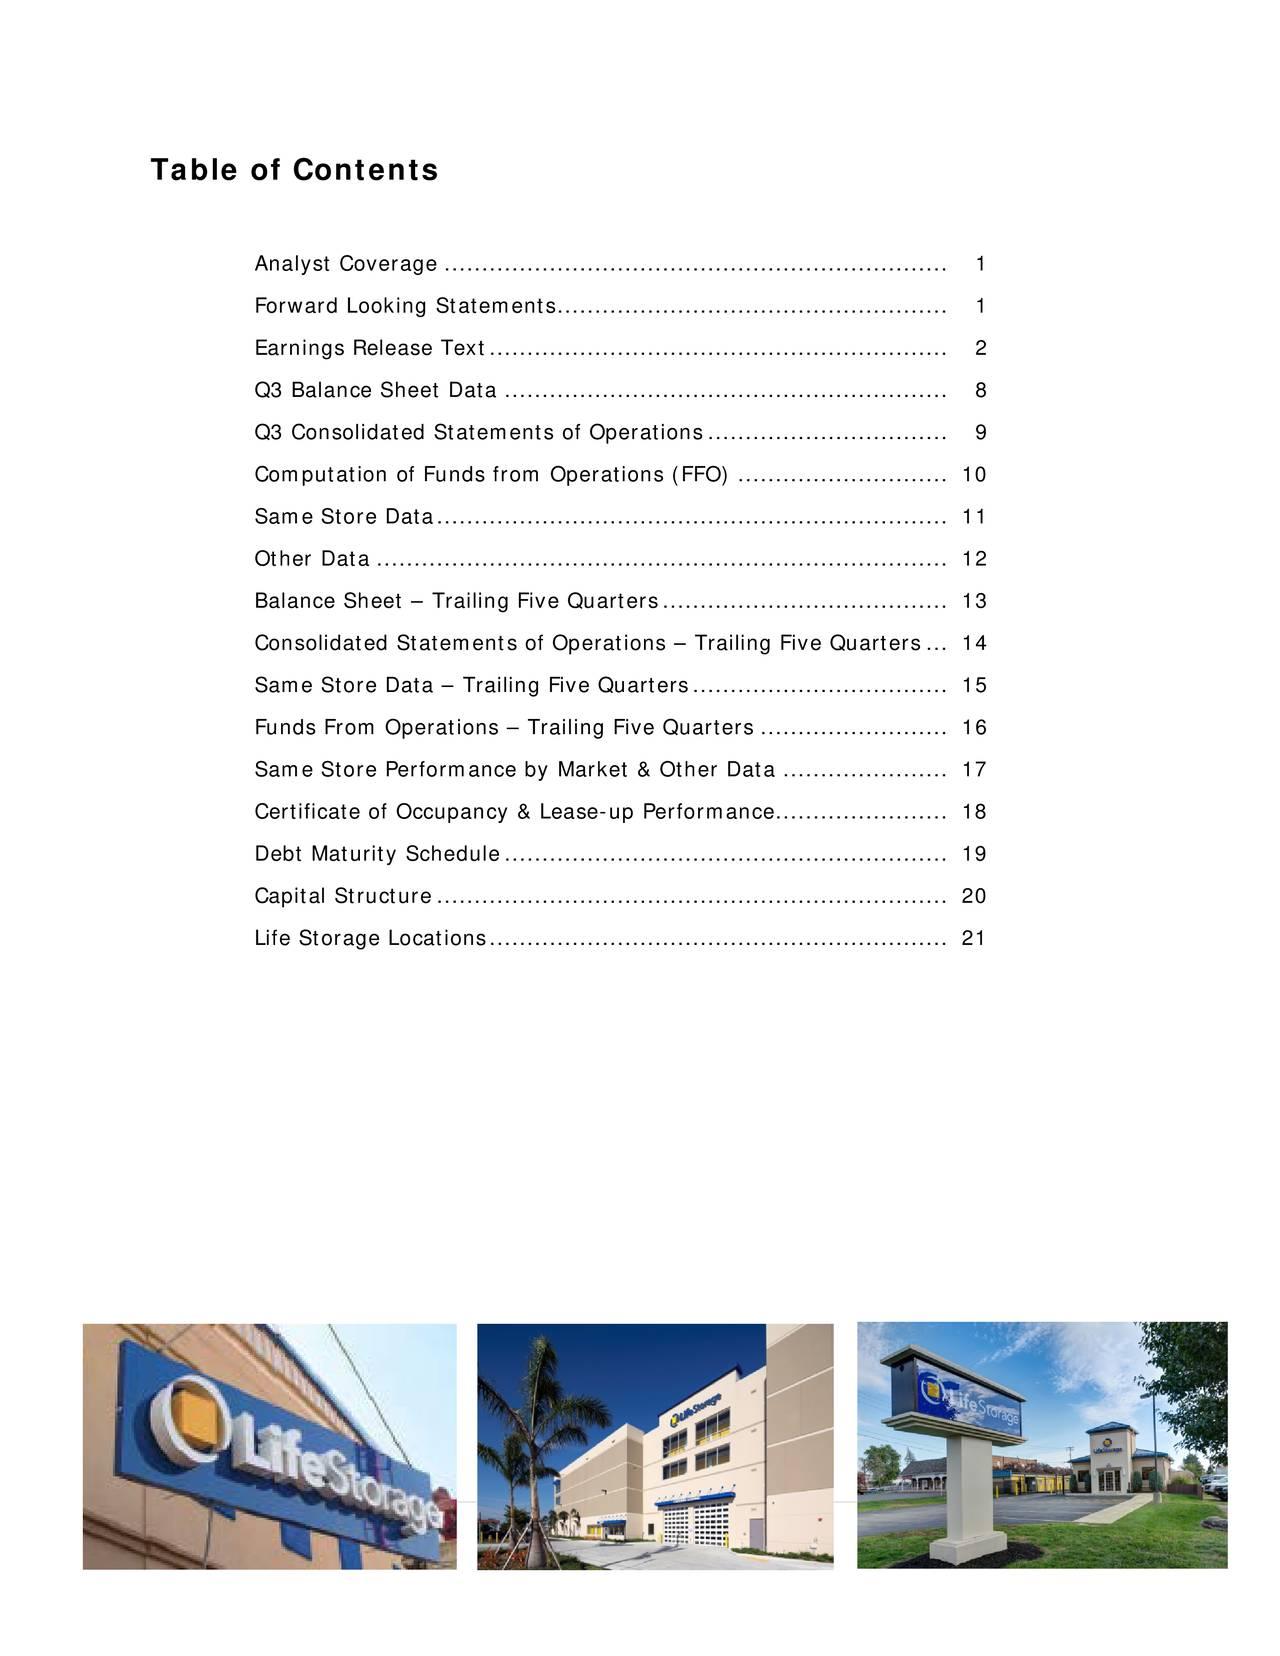 flipkart balance sheet 2016 17 pdf